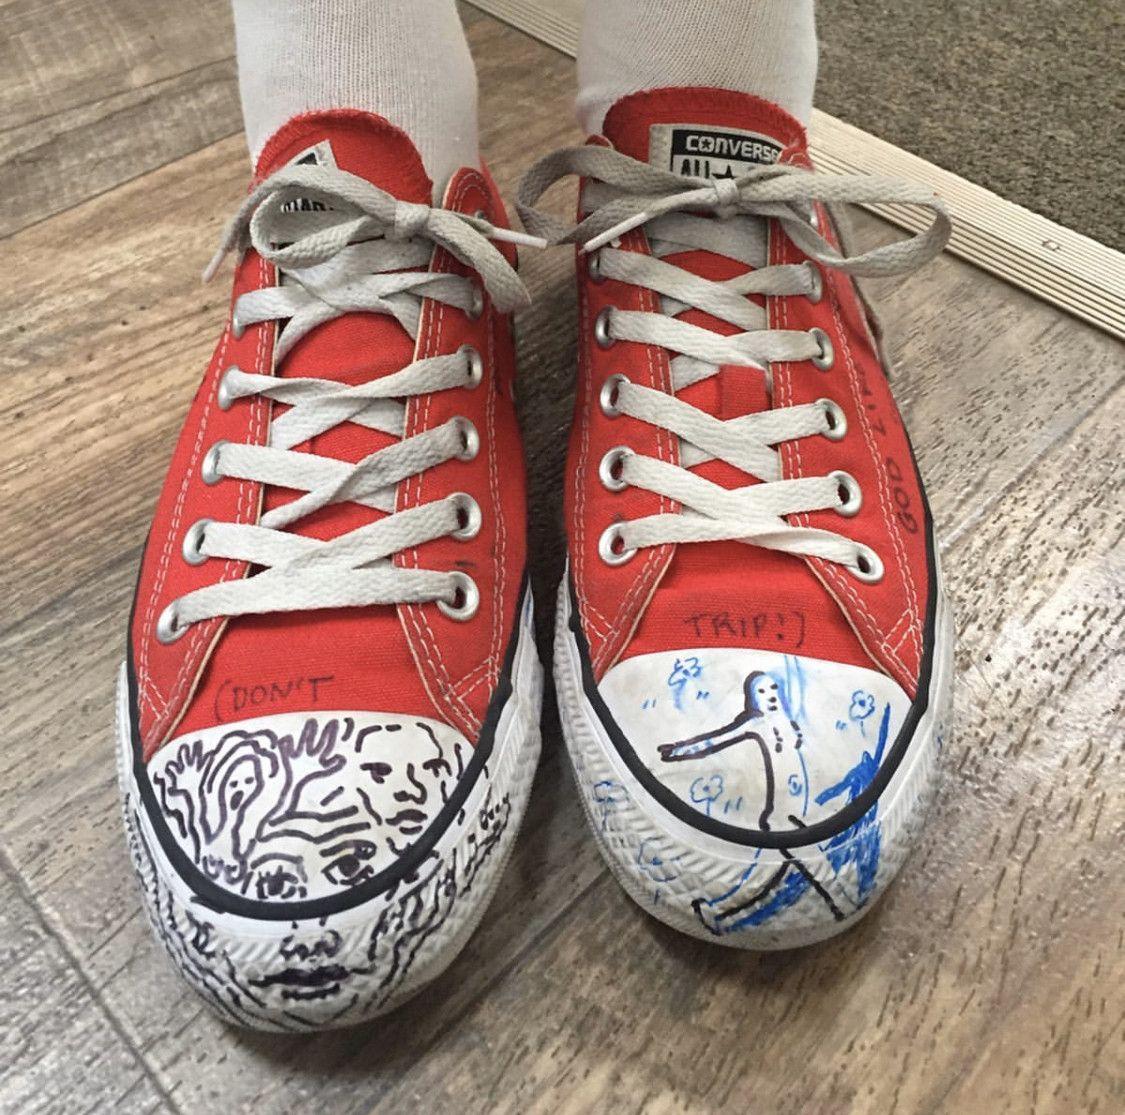 sneakers in stranger things